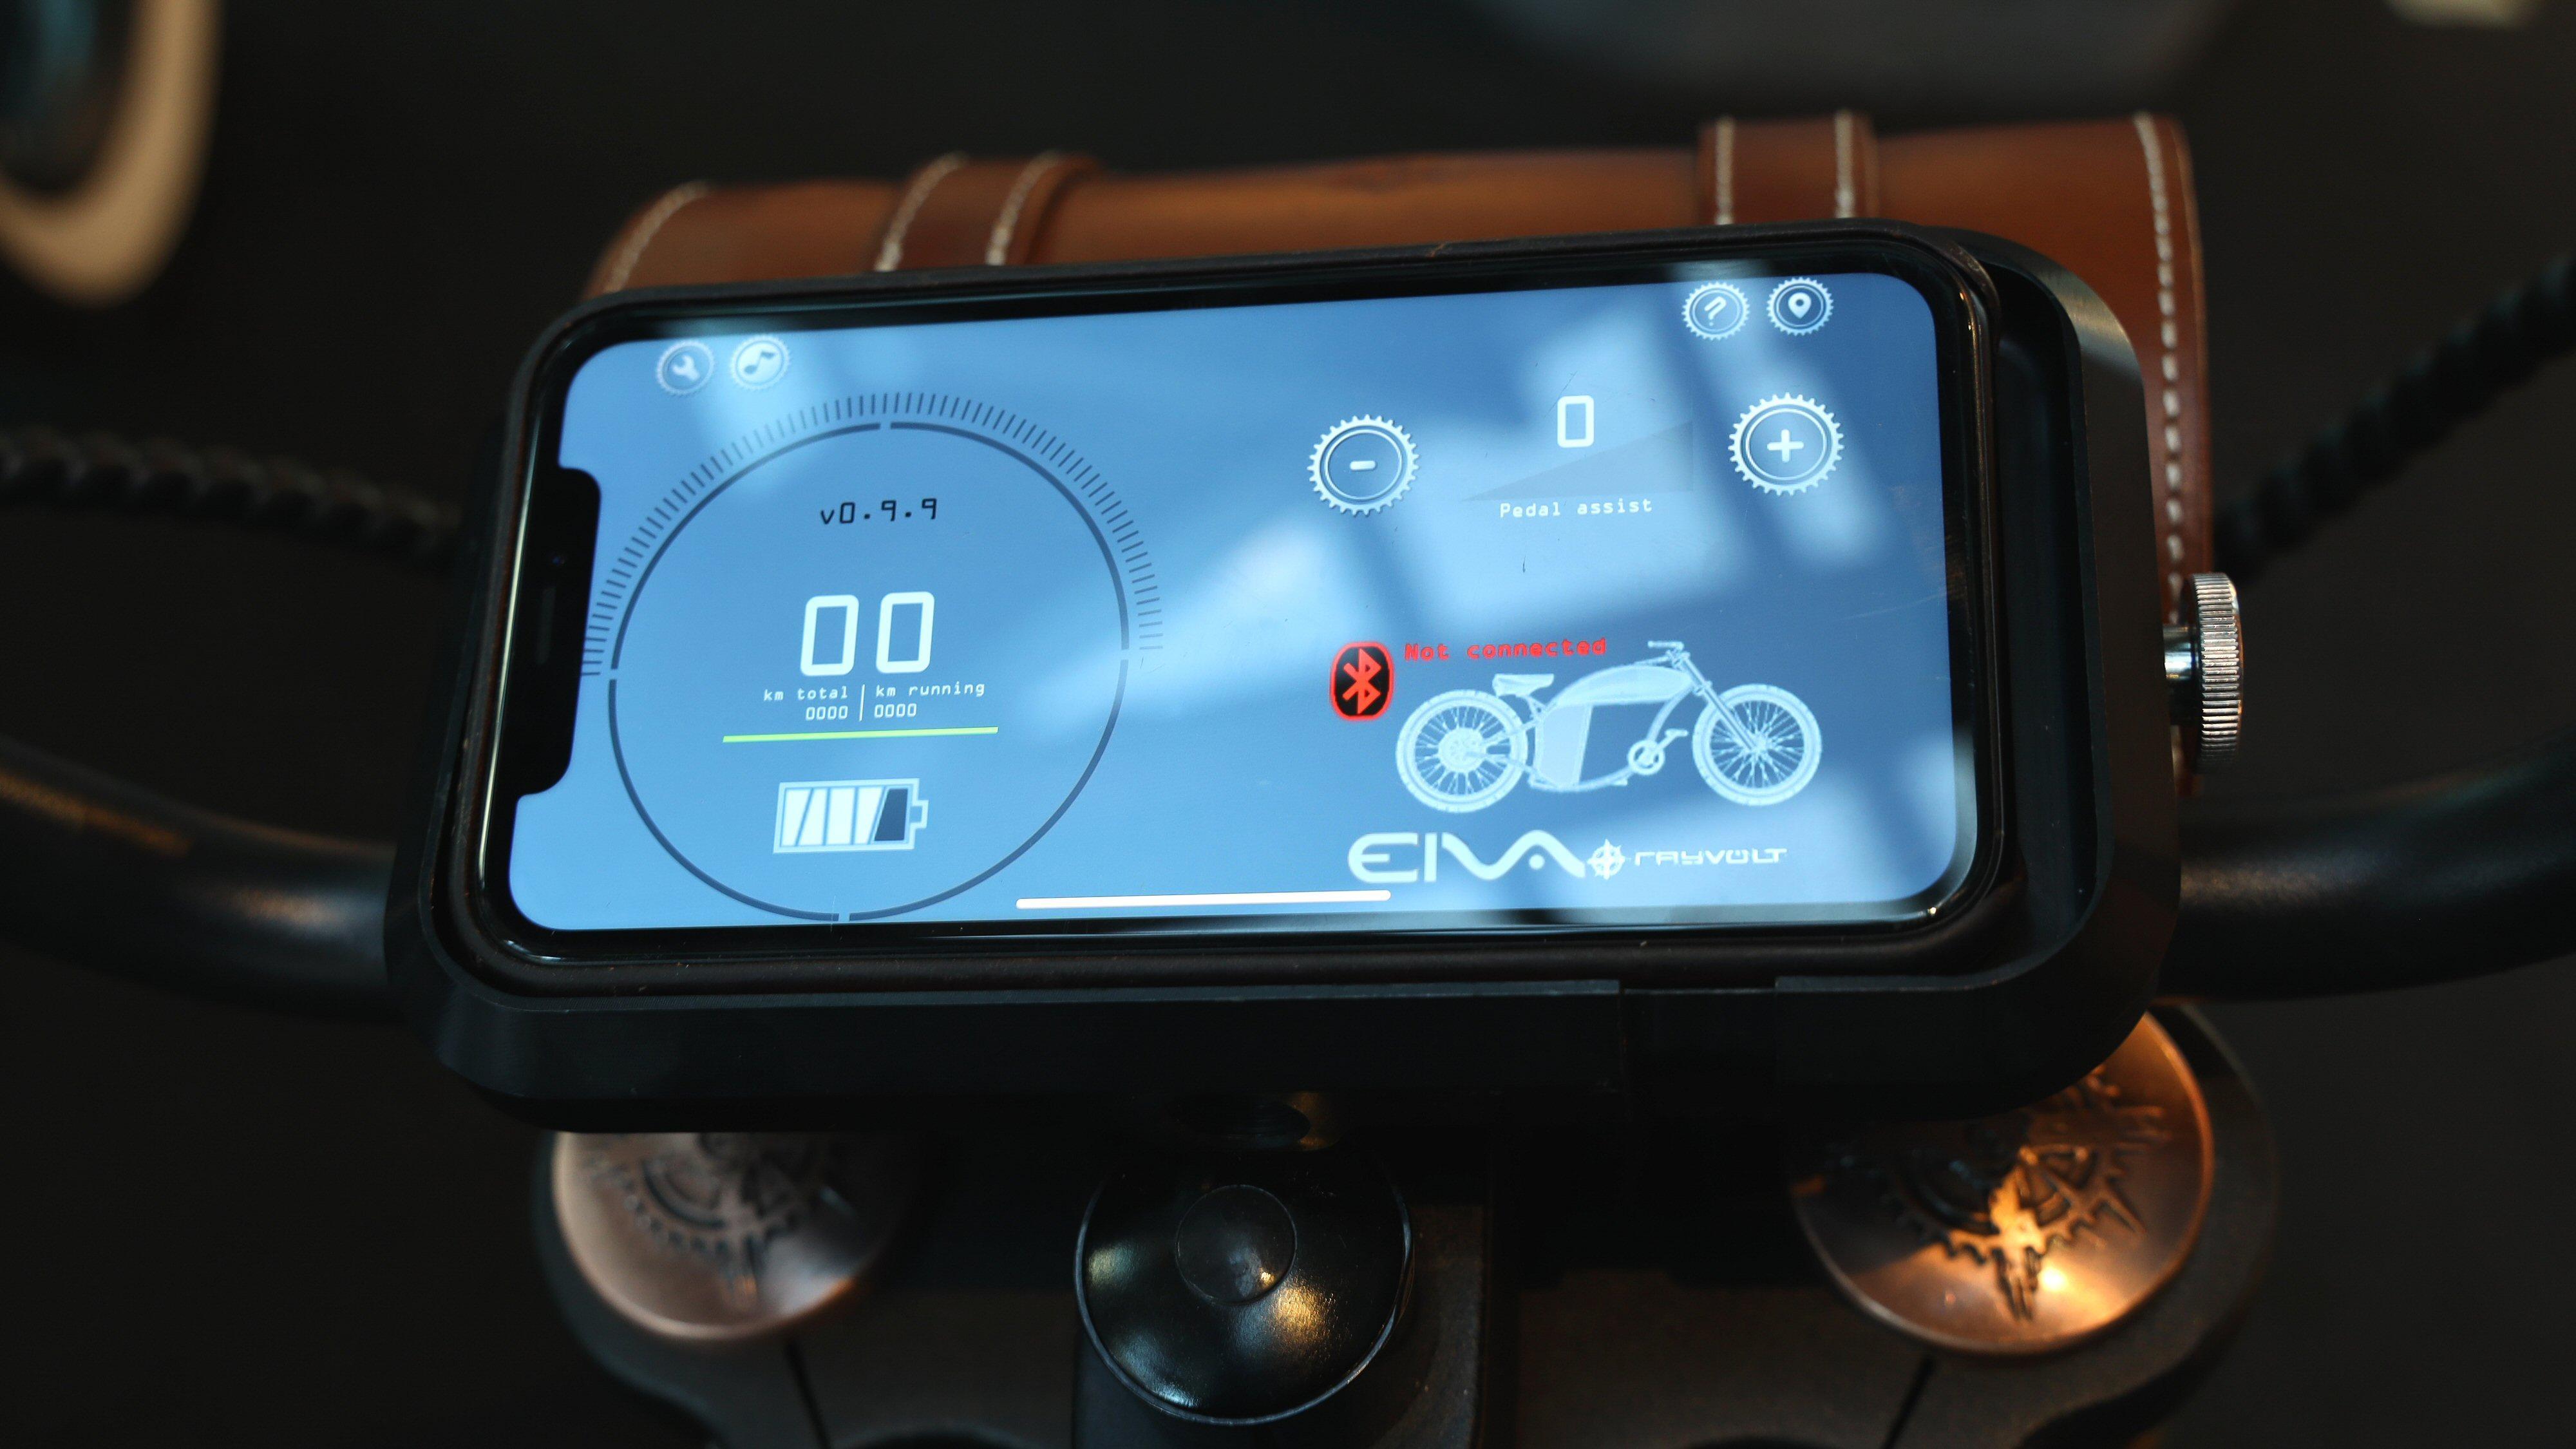 Programvaren Eiva kan kjøre på mobilen eller en dedikert enhet.